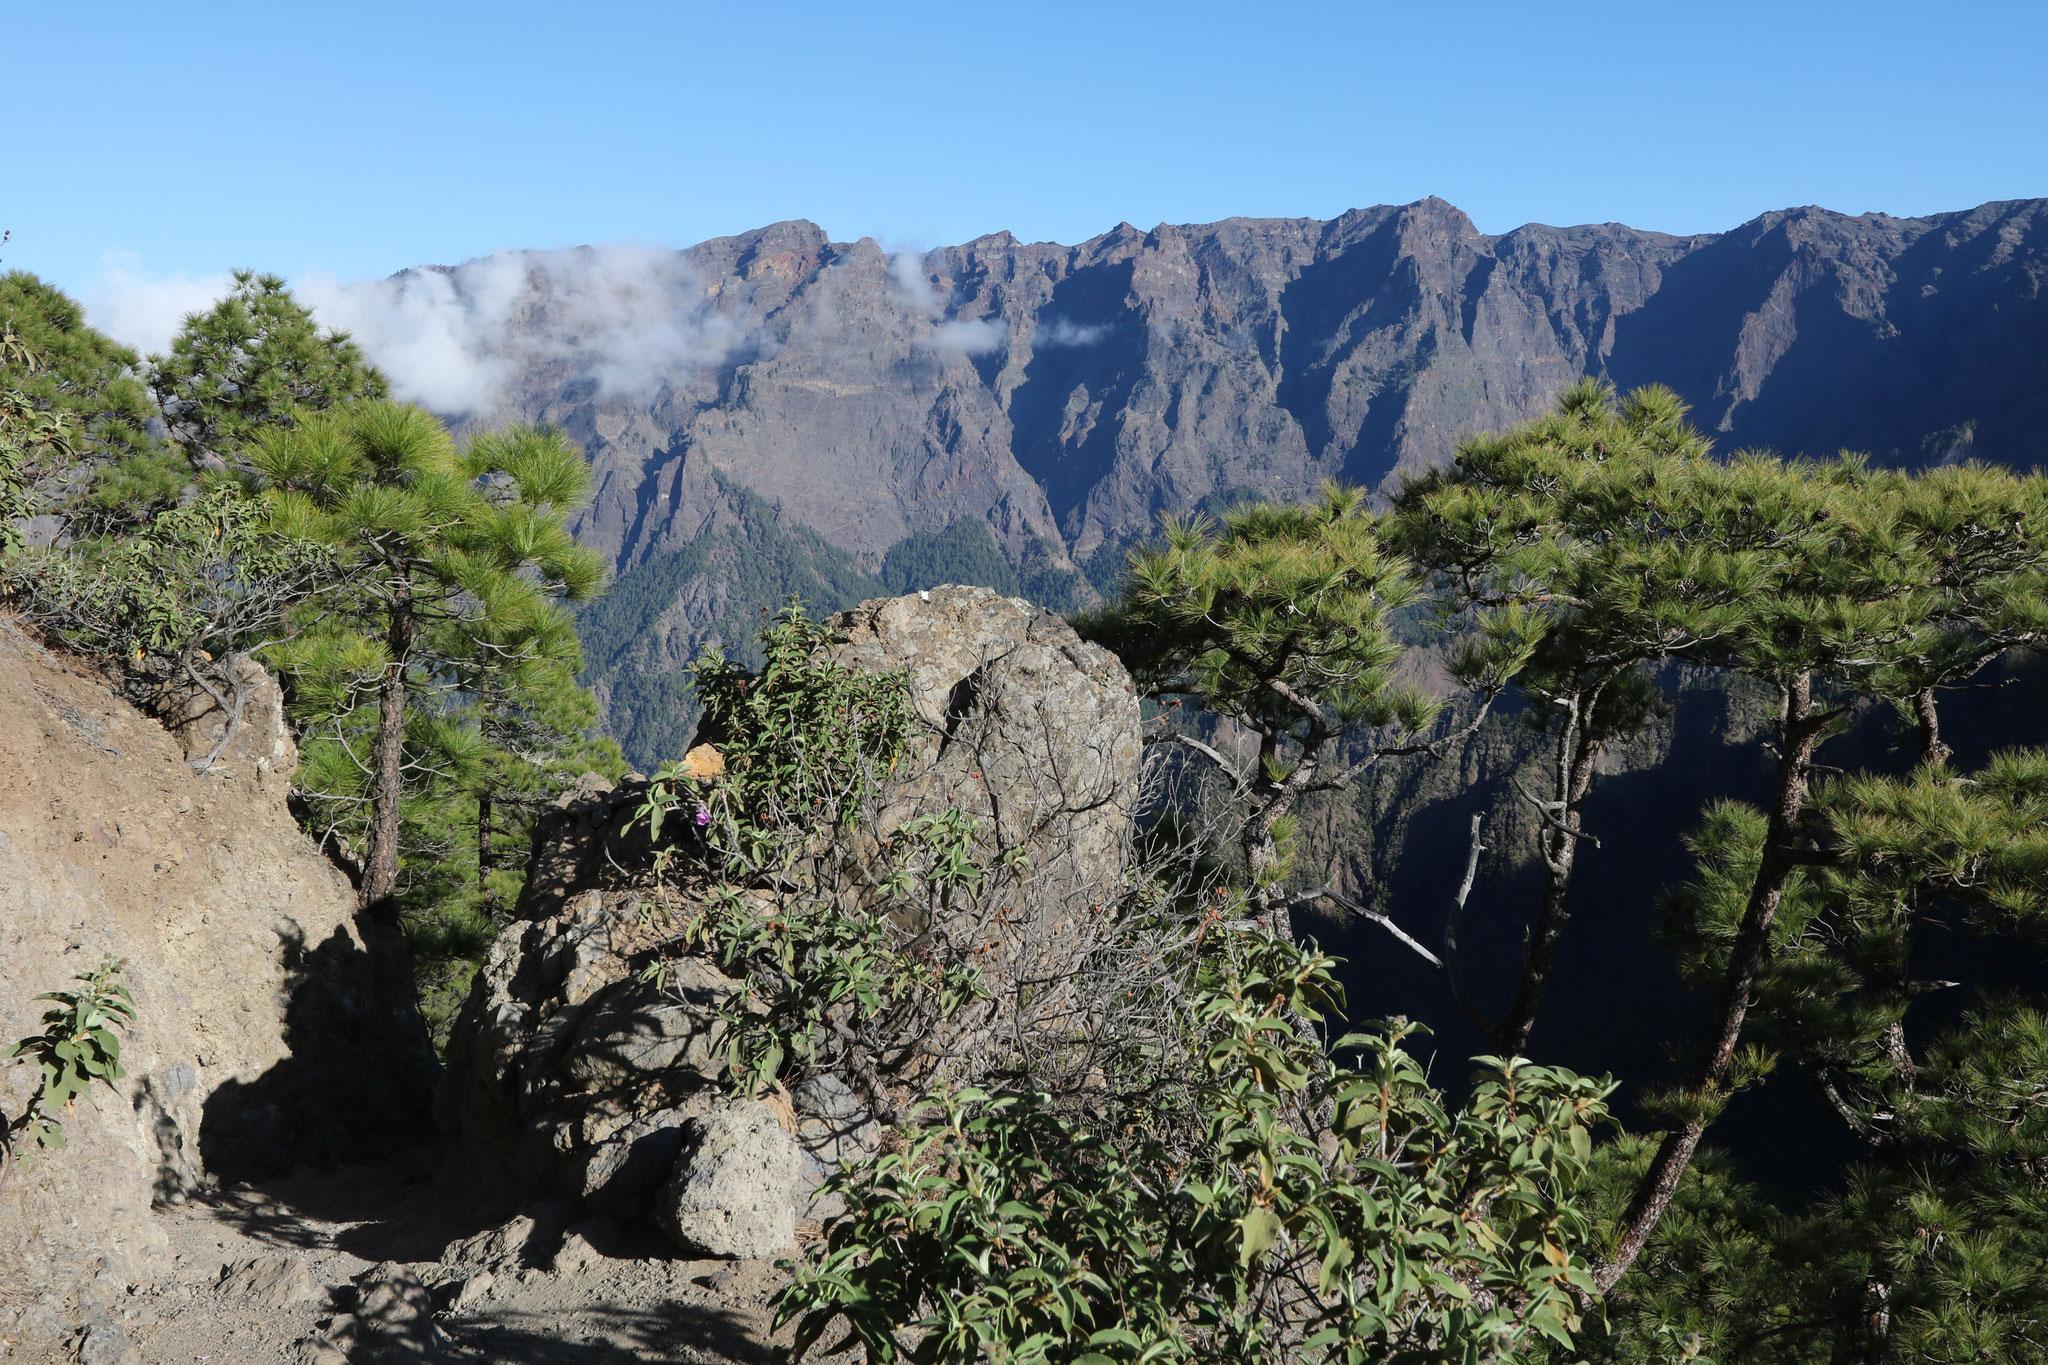 Caldera de Taburiente: Wanderung vom Mirador de La Cumbrecita auf den Pico Bejenado